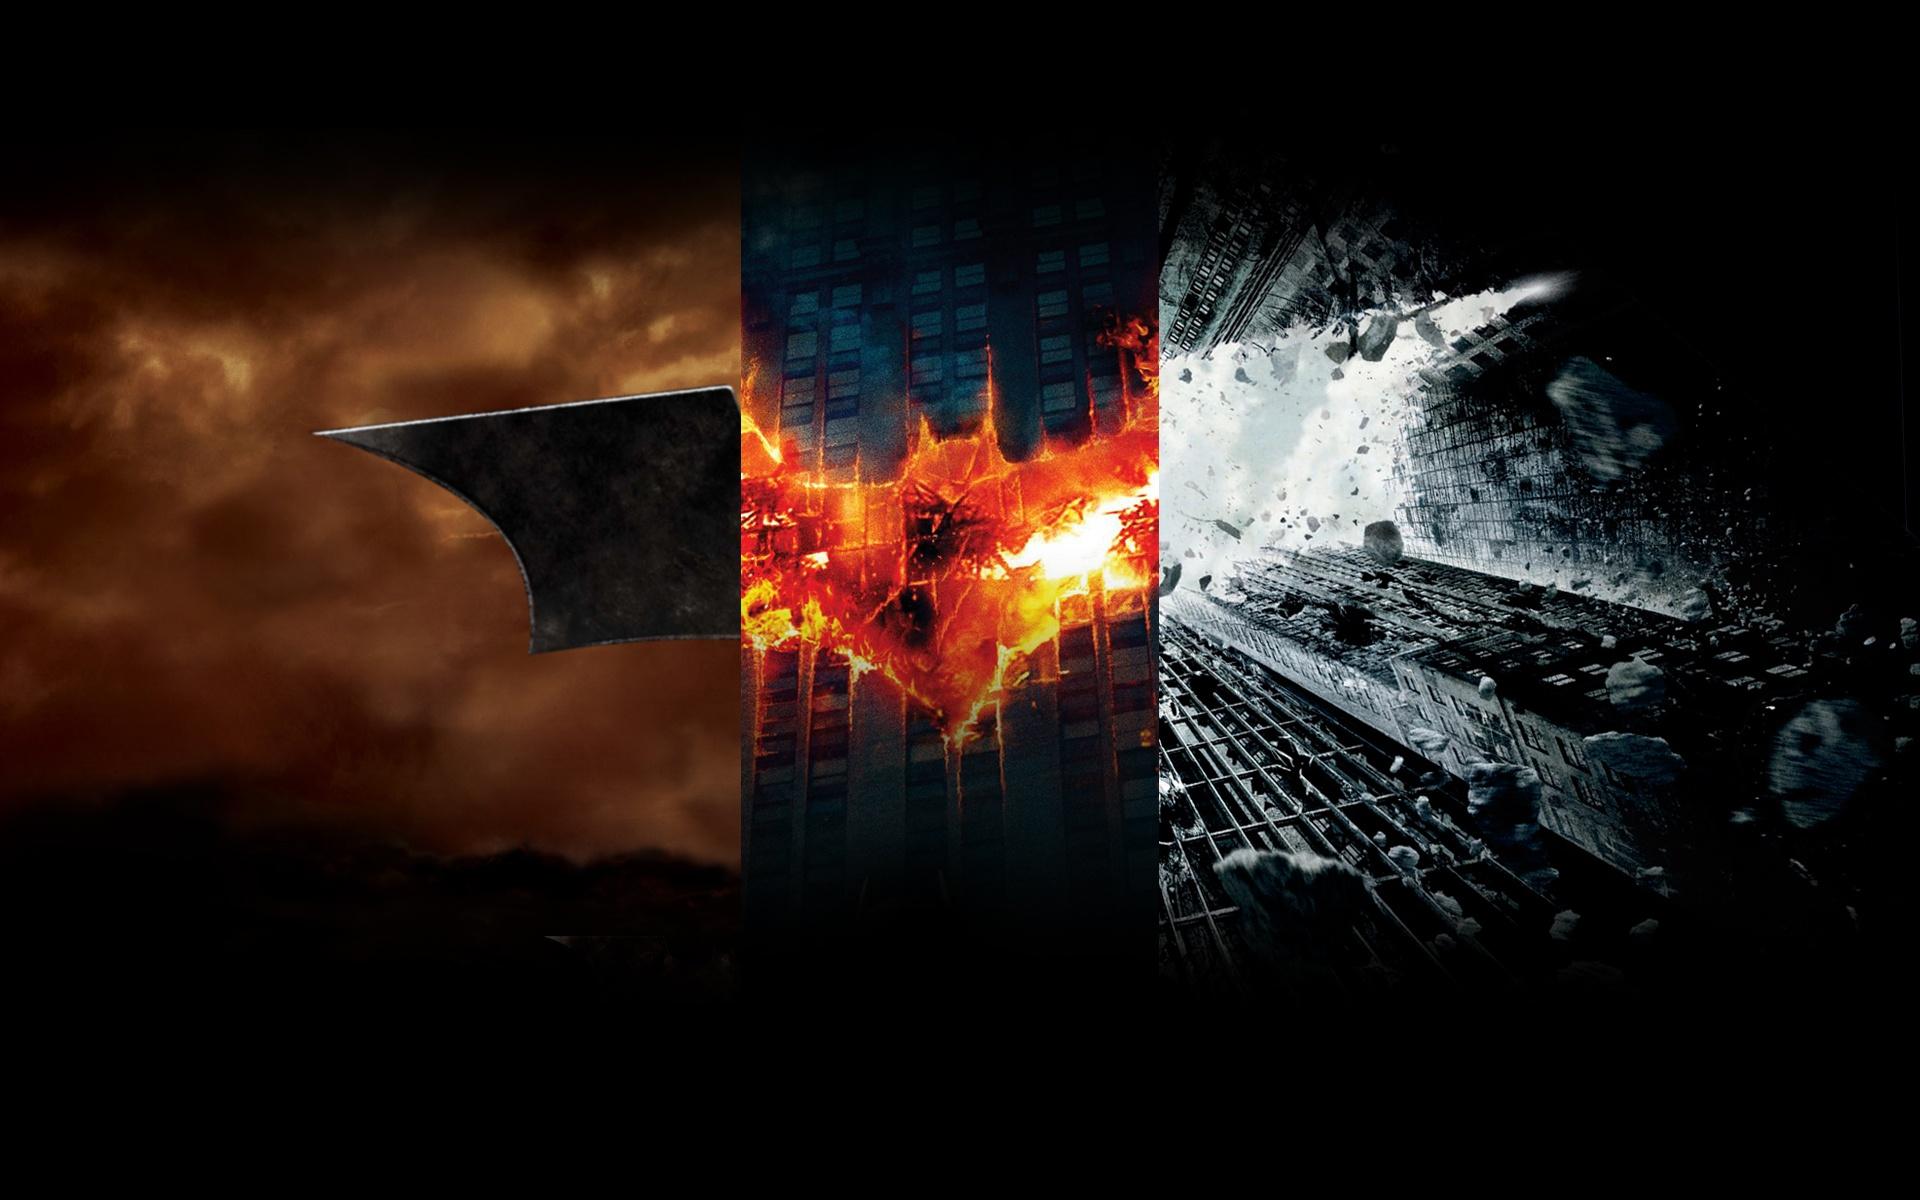 Tardes quentes inundavam o inverno no Brasil. Era julho e a San Diego Comic Con de 2007 estava para começar. A campanha viral de Batman Cavaleiro das Trevas(Batman The Dark Knight) já tinha iniciado.